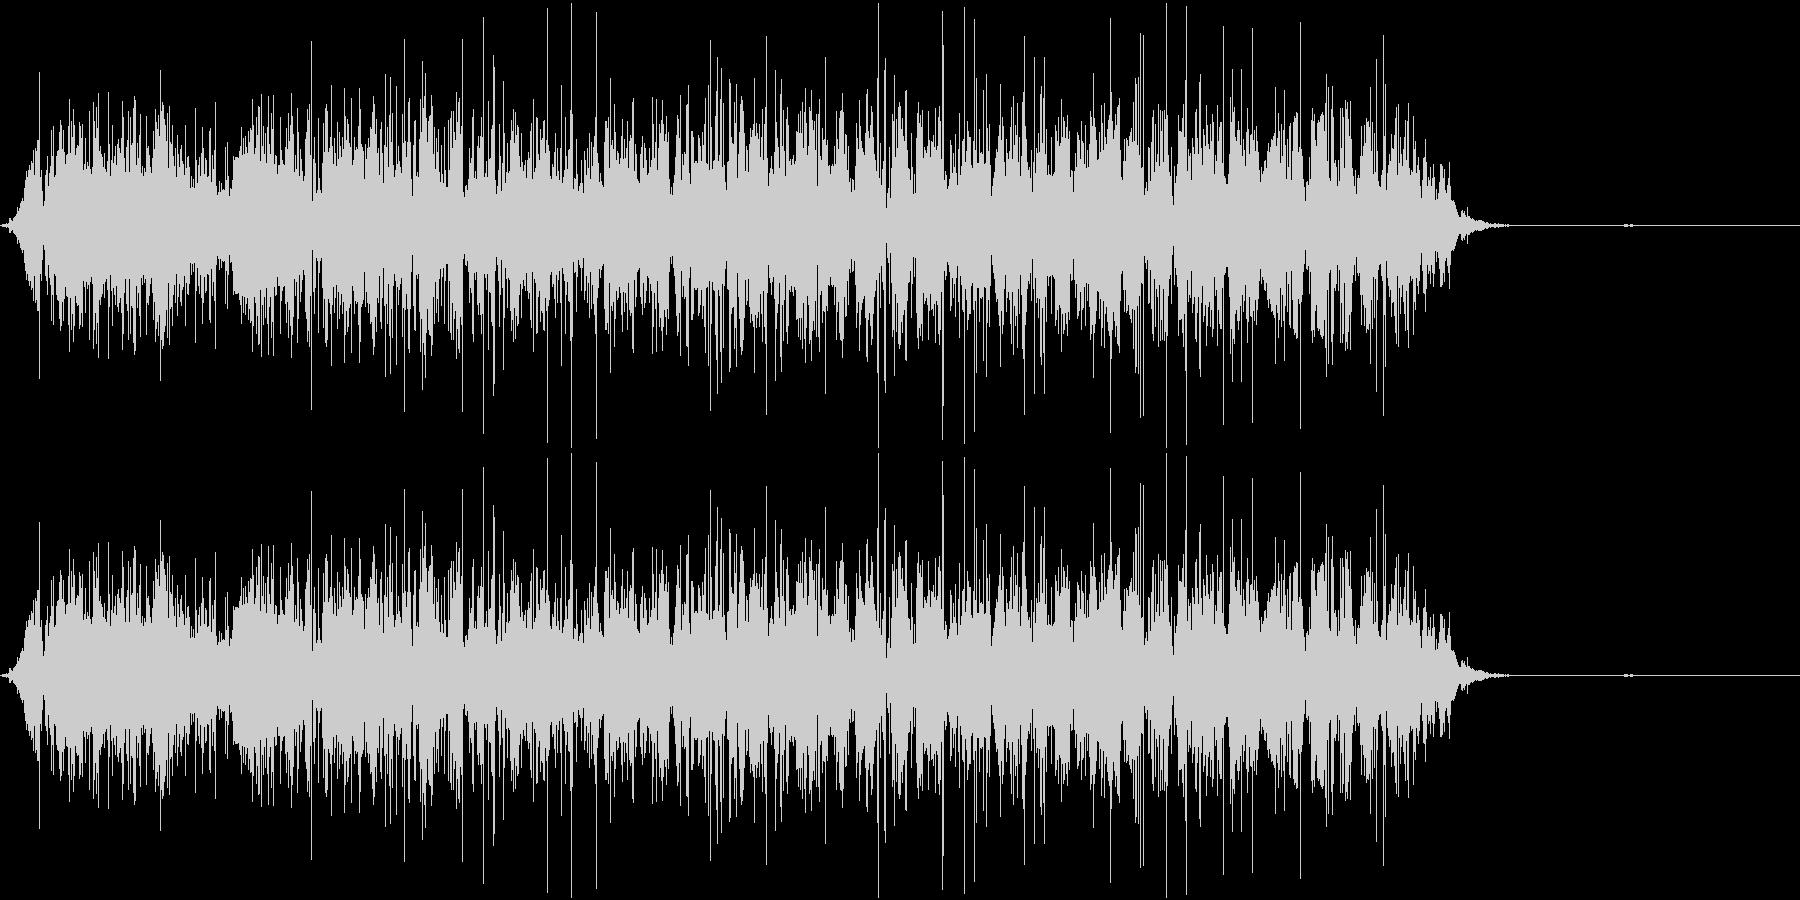 ビニール袋をぐしゃぐしゃする音の未再生の波形